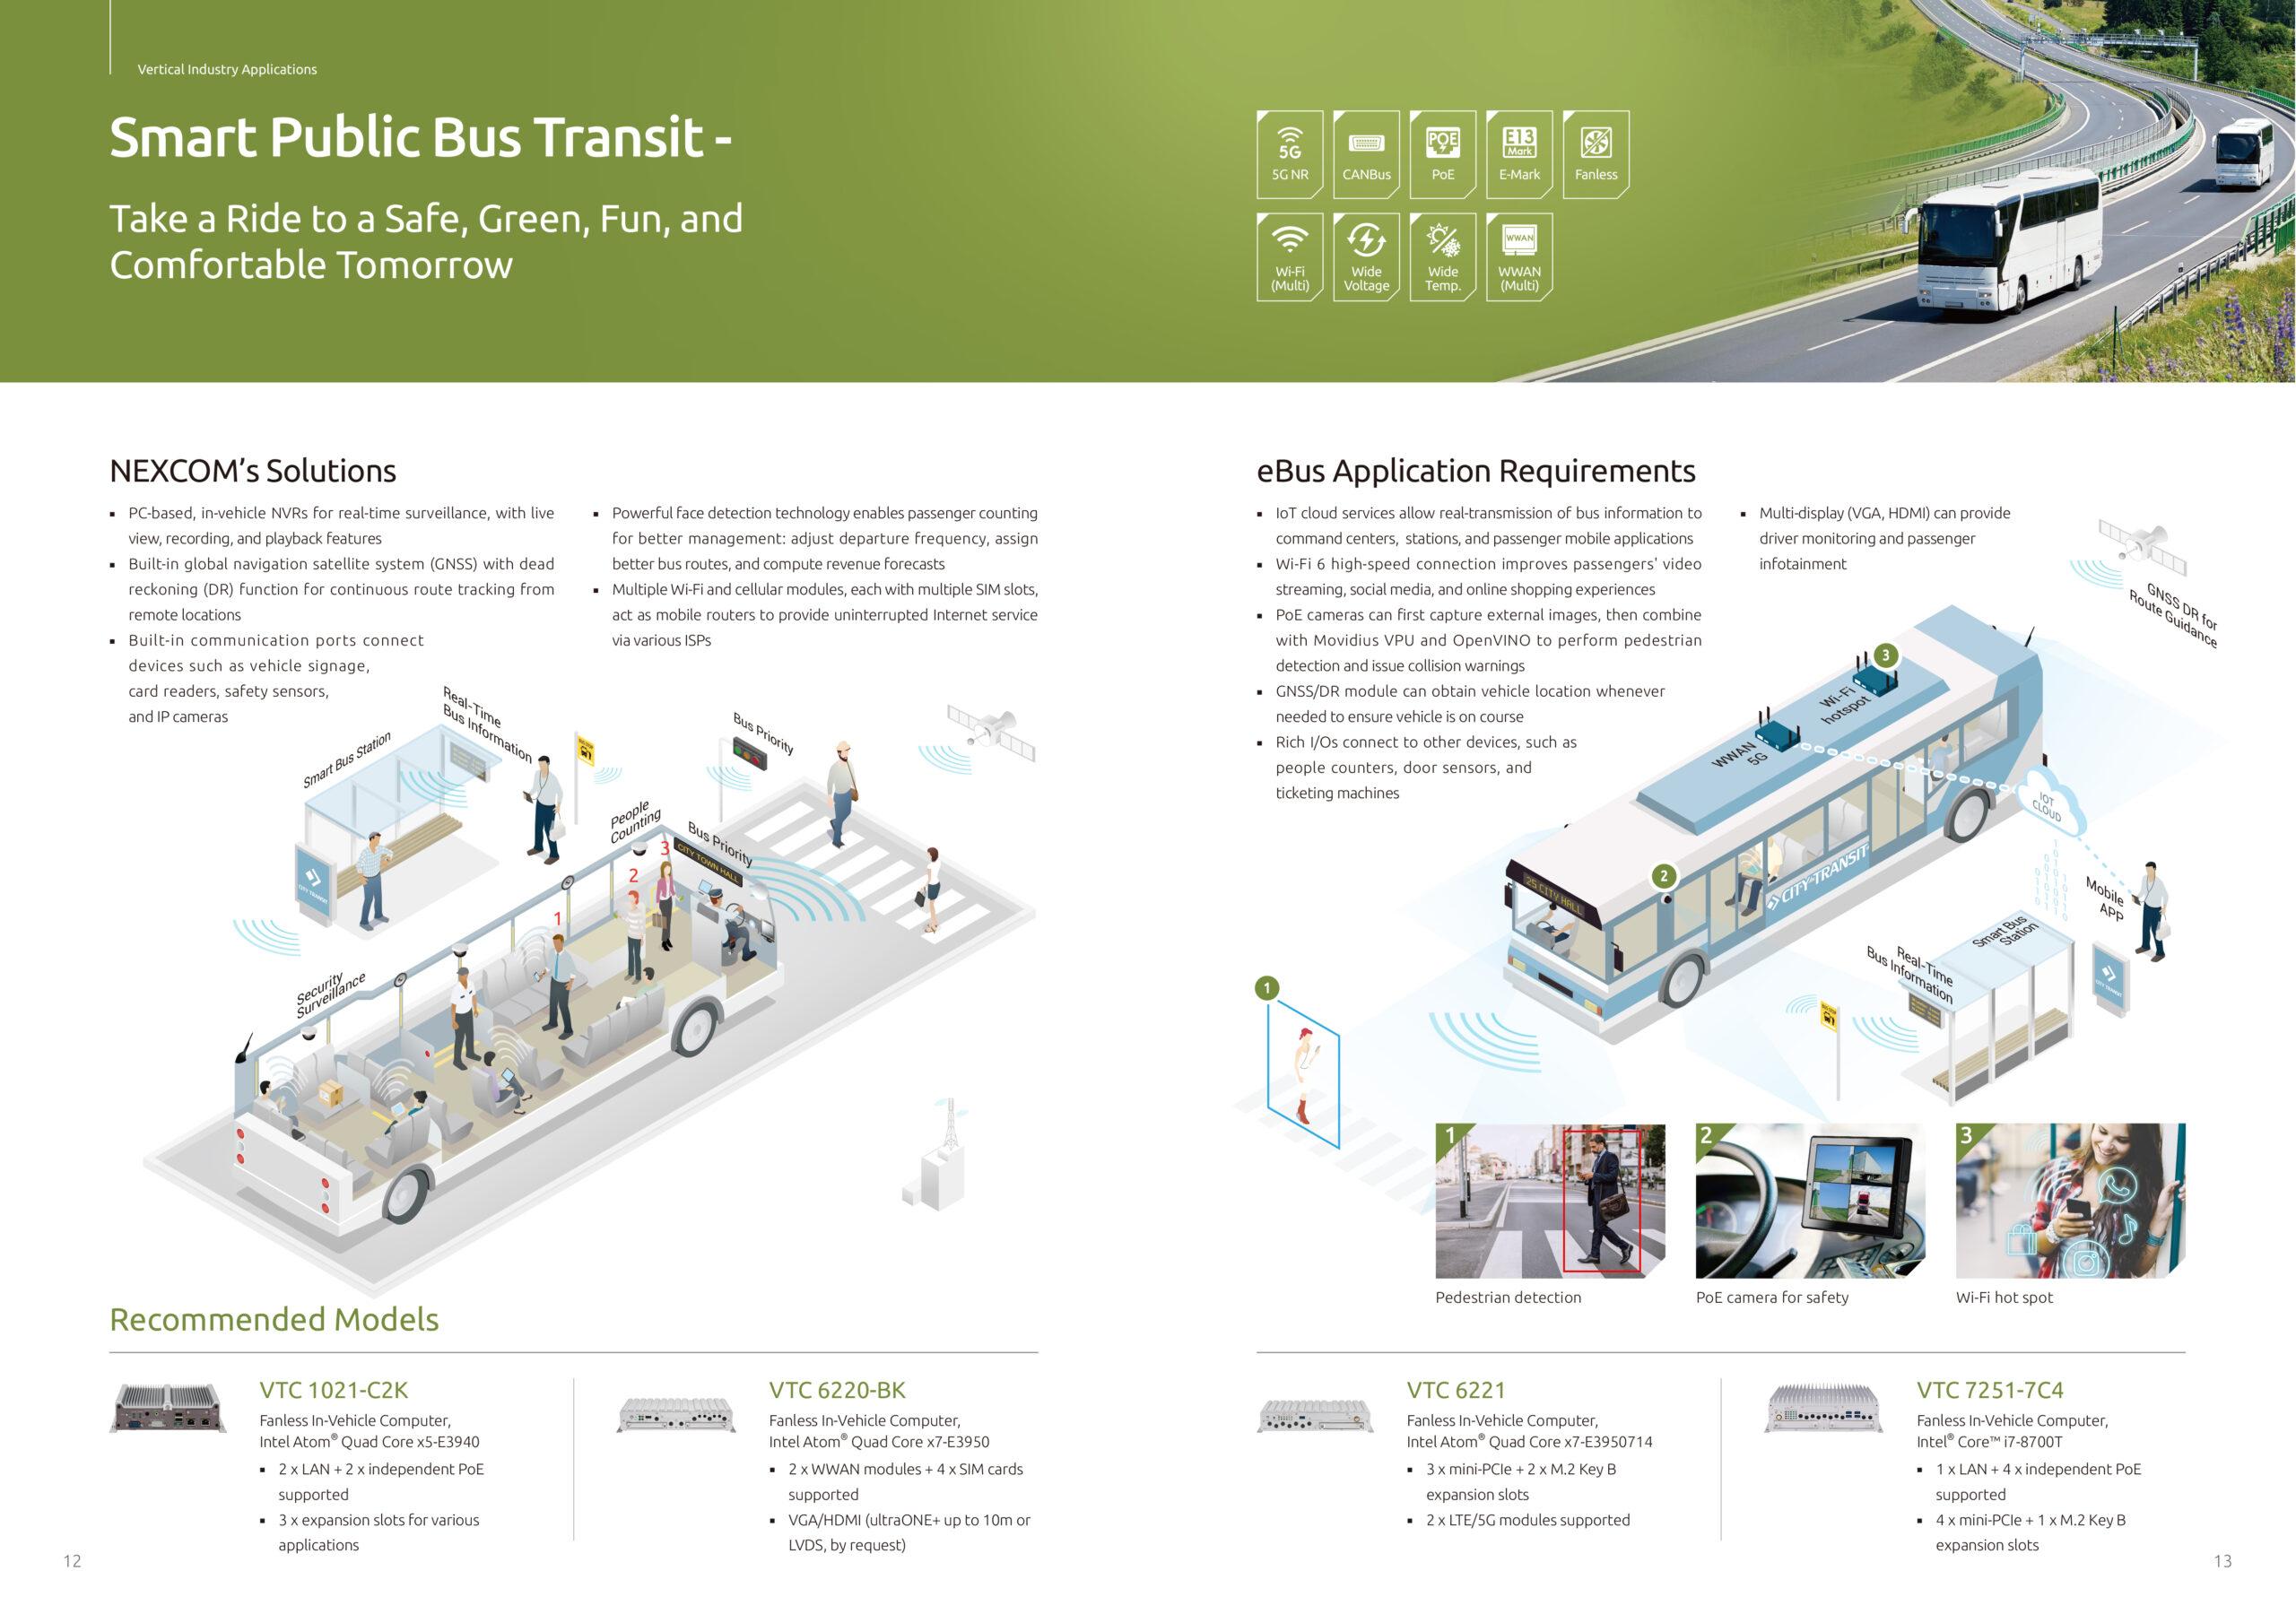 Smart Public Bus Transit